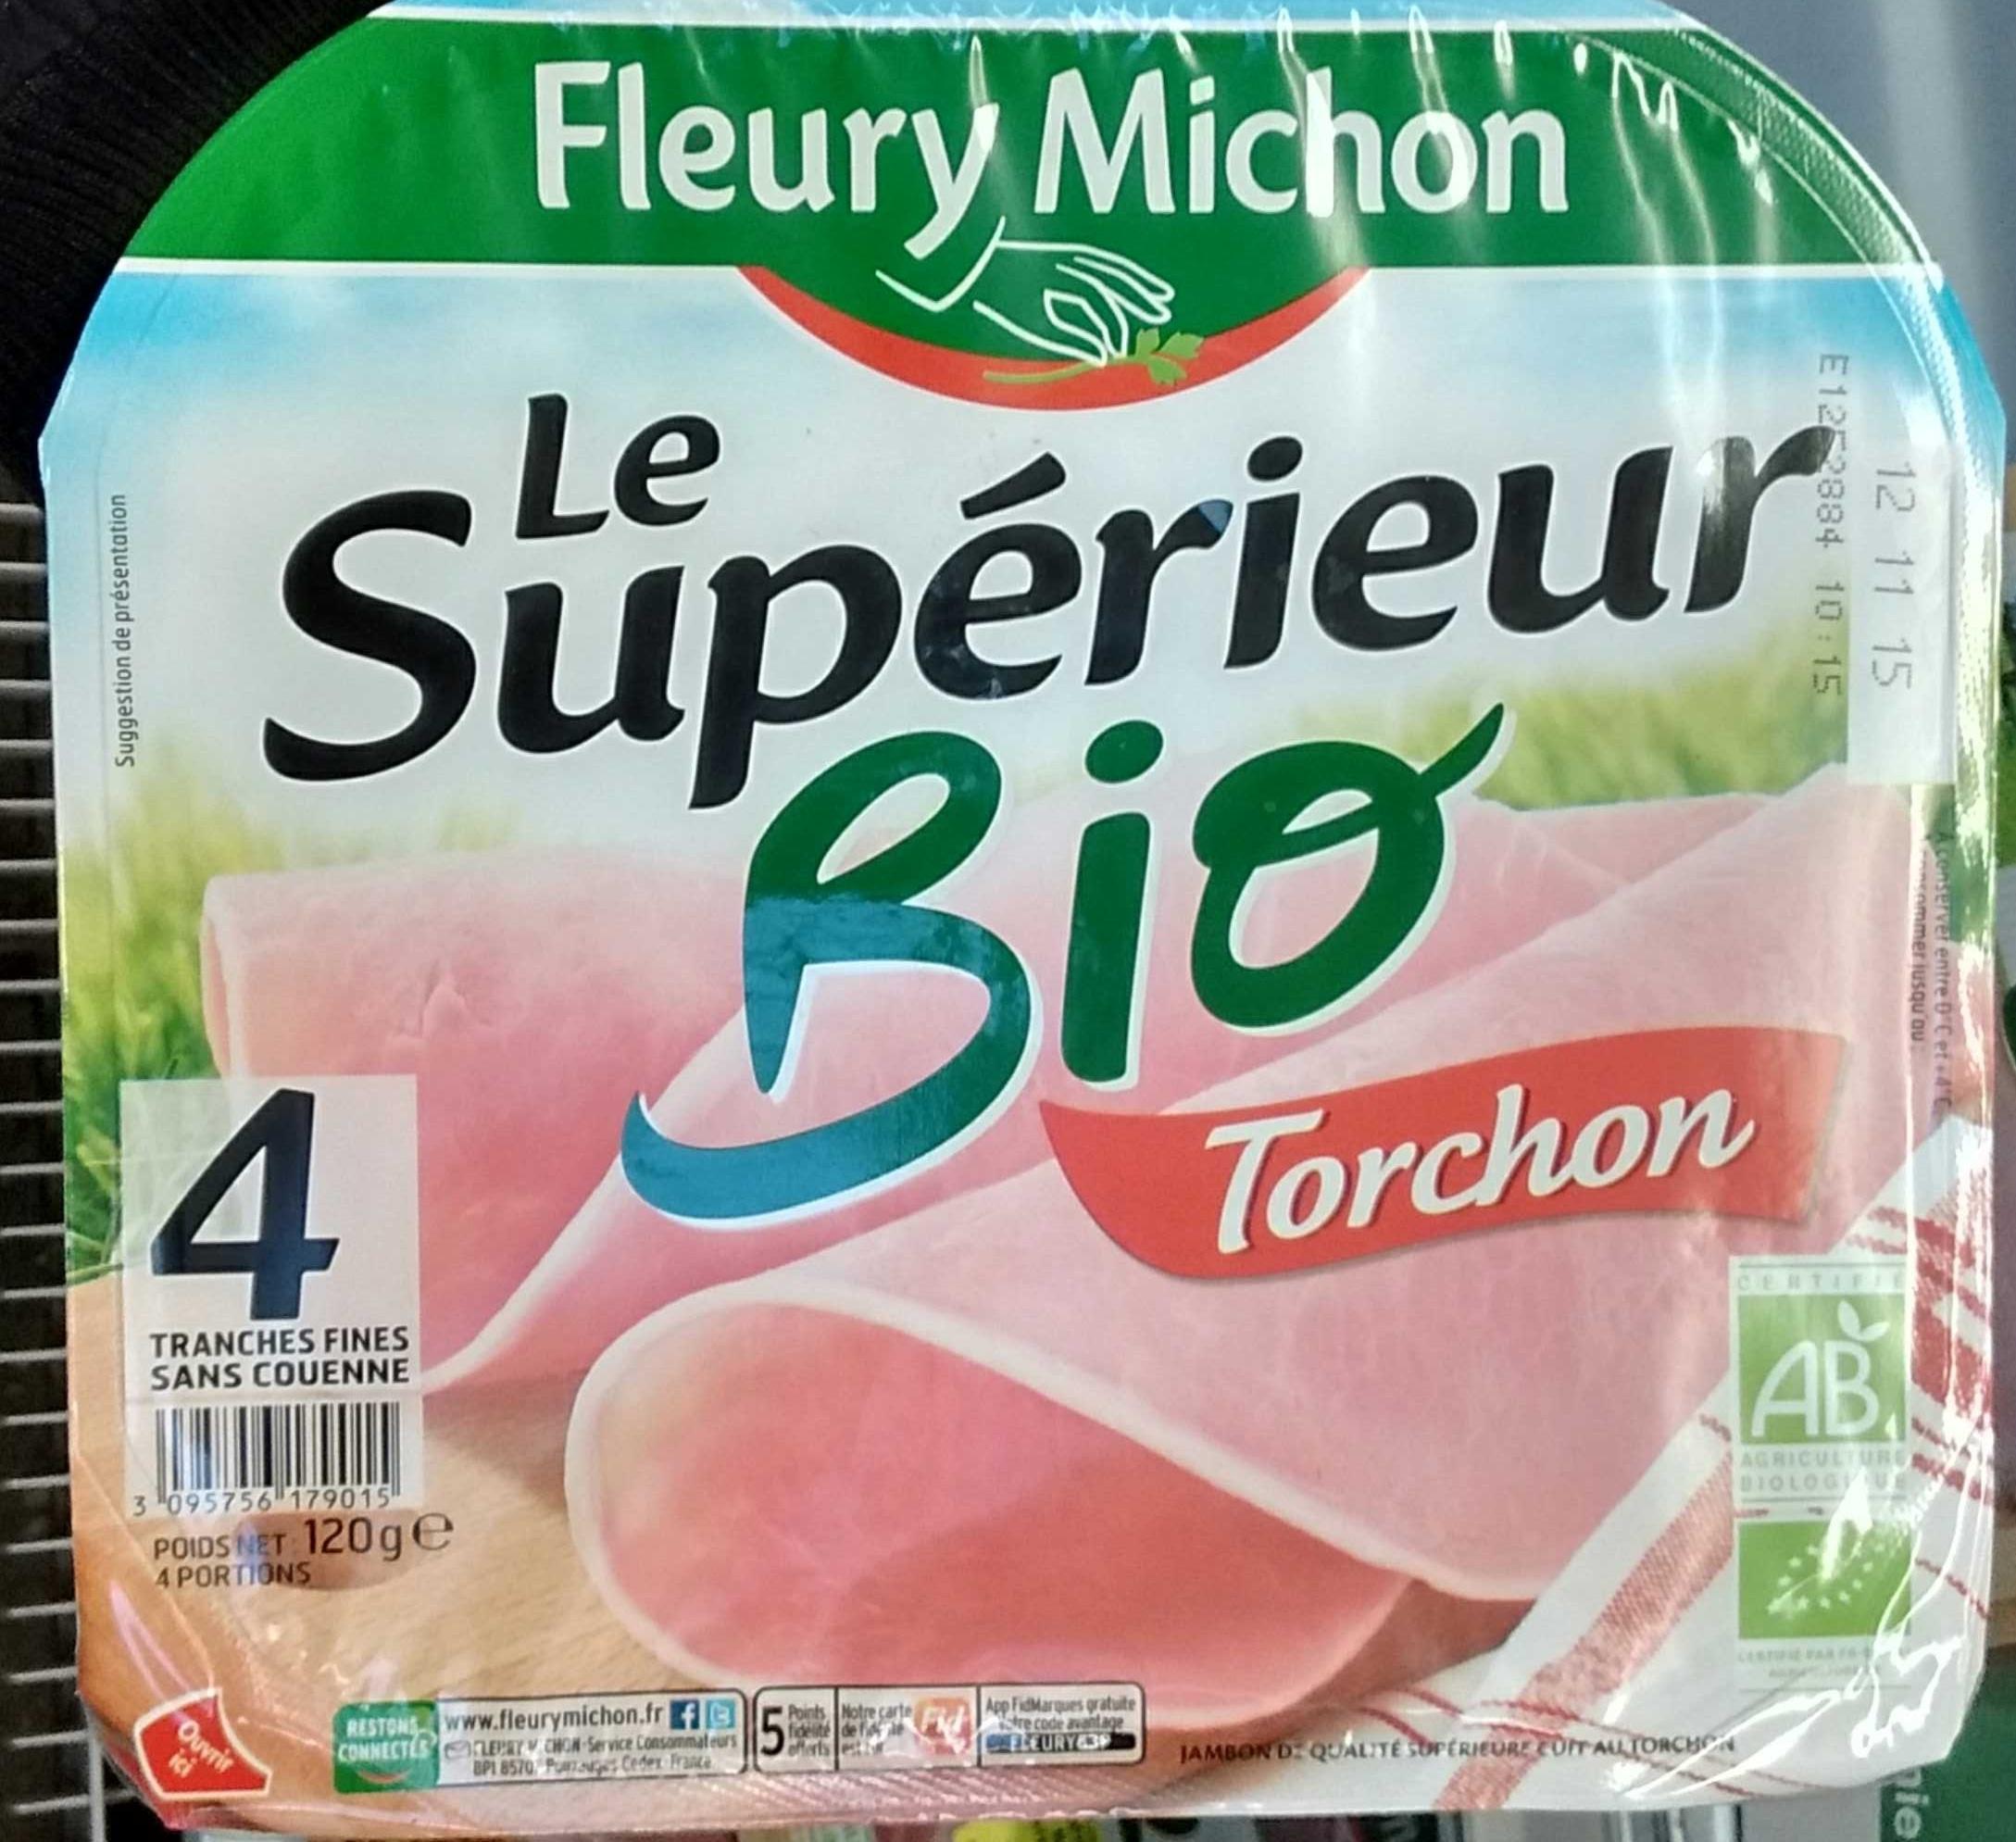 Le Supérieur Bio Torchon - Product - fr